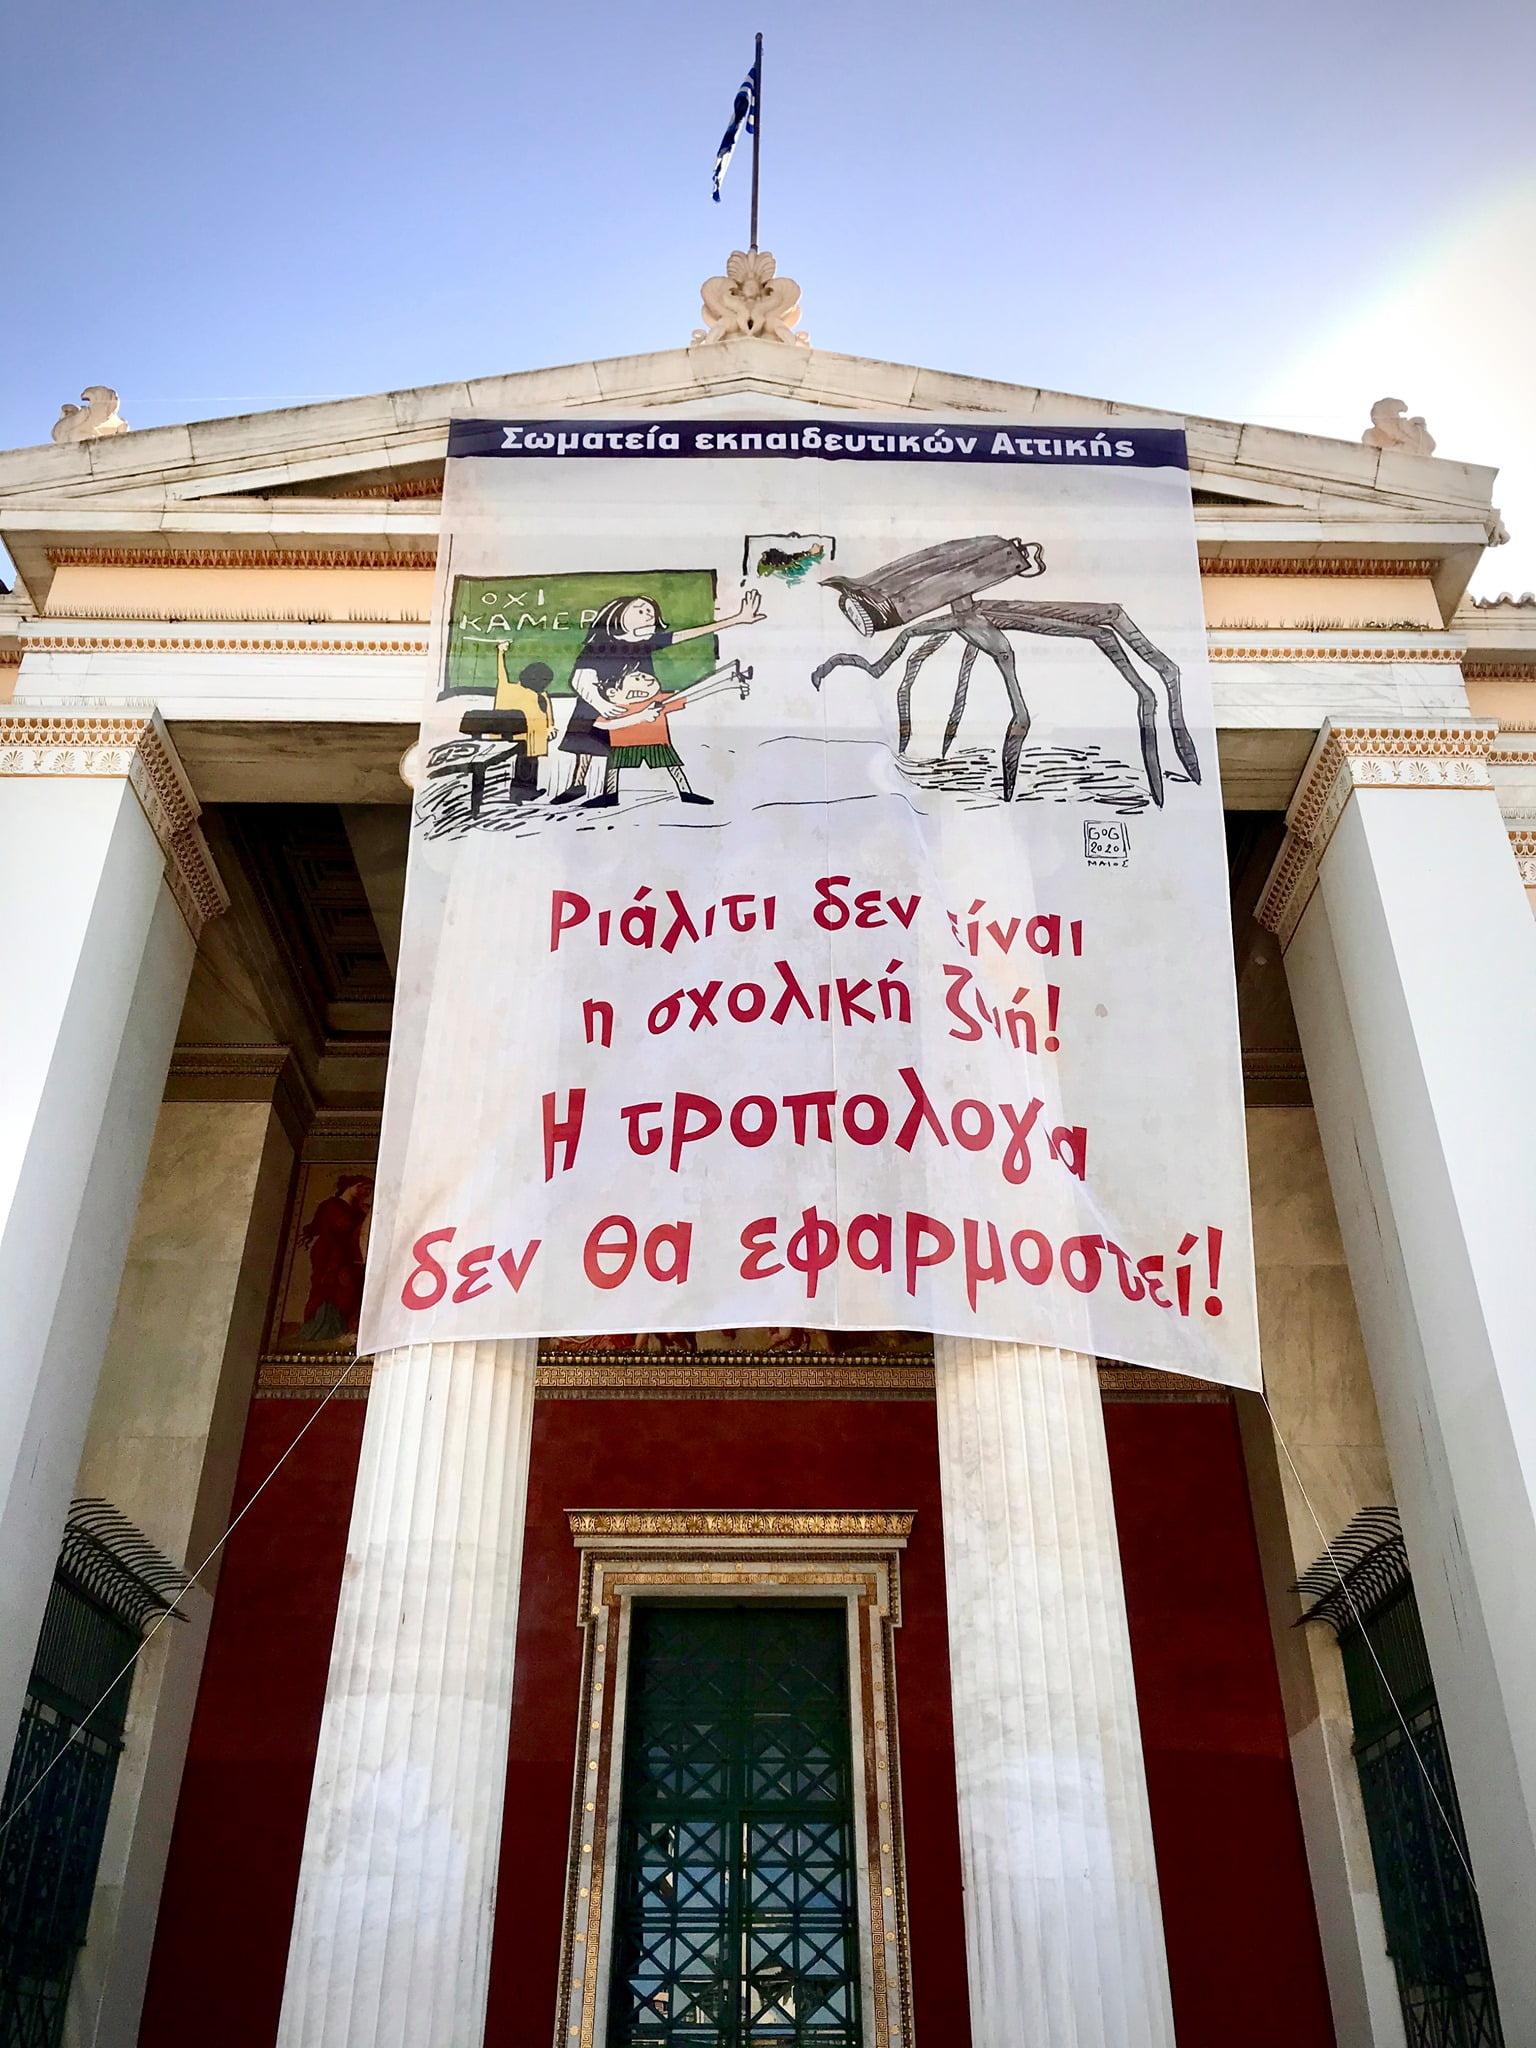 Ελληνικά πανεπιστήμια και παρατάξεις